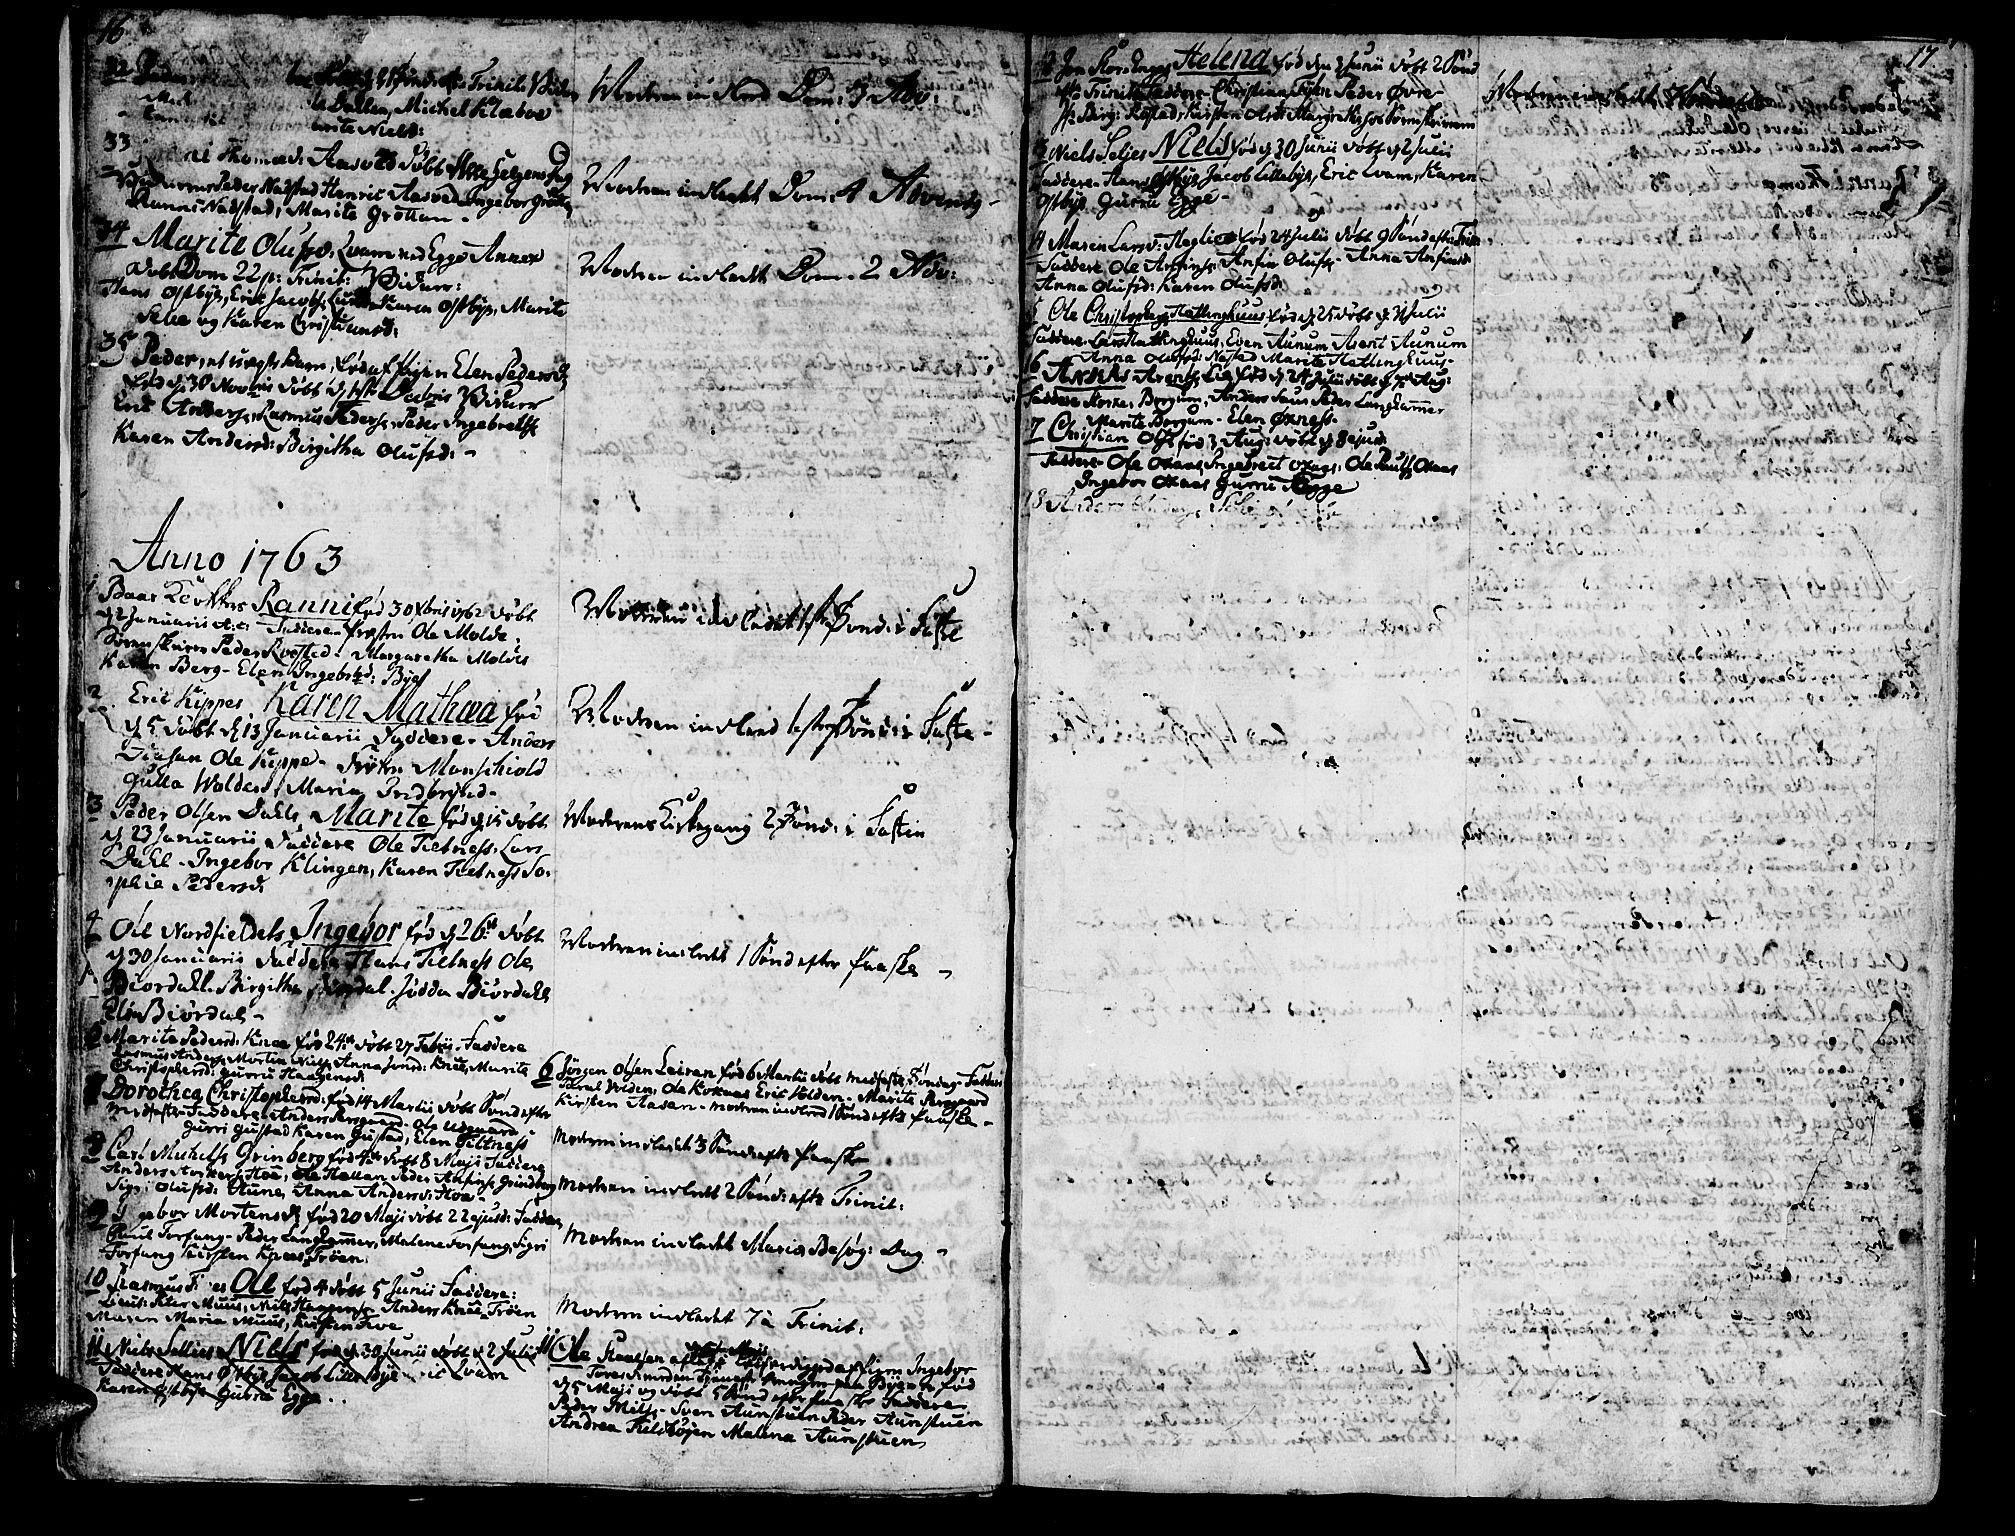 SAT, Ministerialprotokoller, klokkerbøker og fødselsregistre - Nord-Trøndelag, 746/L0440: Ministerialbok nr. 746A02, 1760-1815, s. 16-17